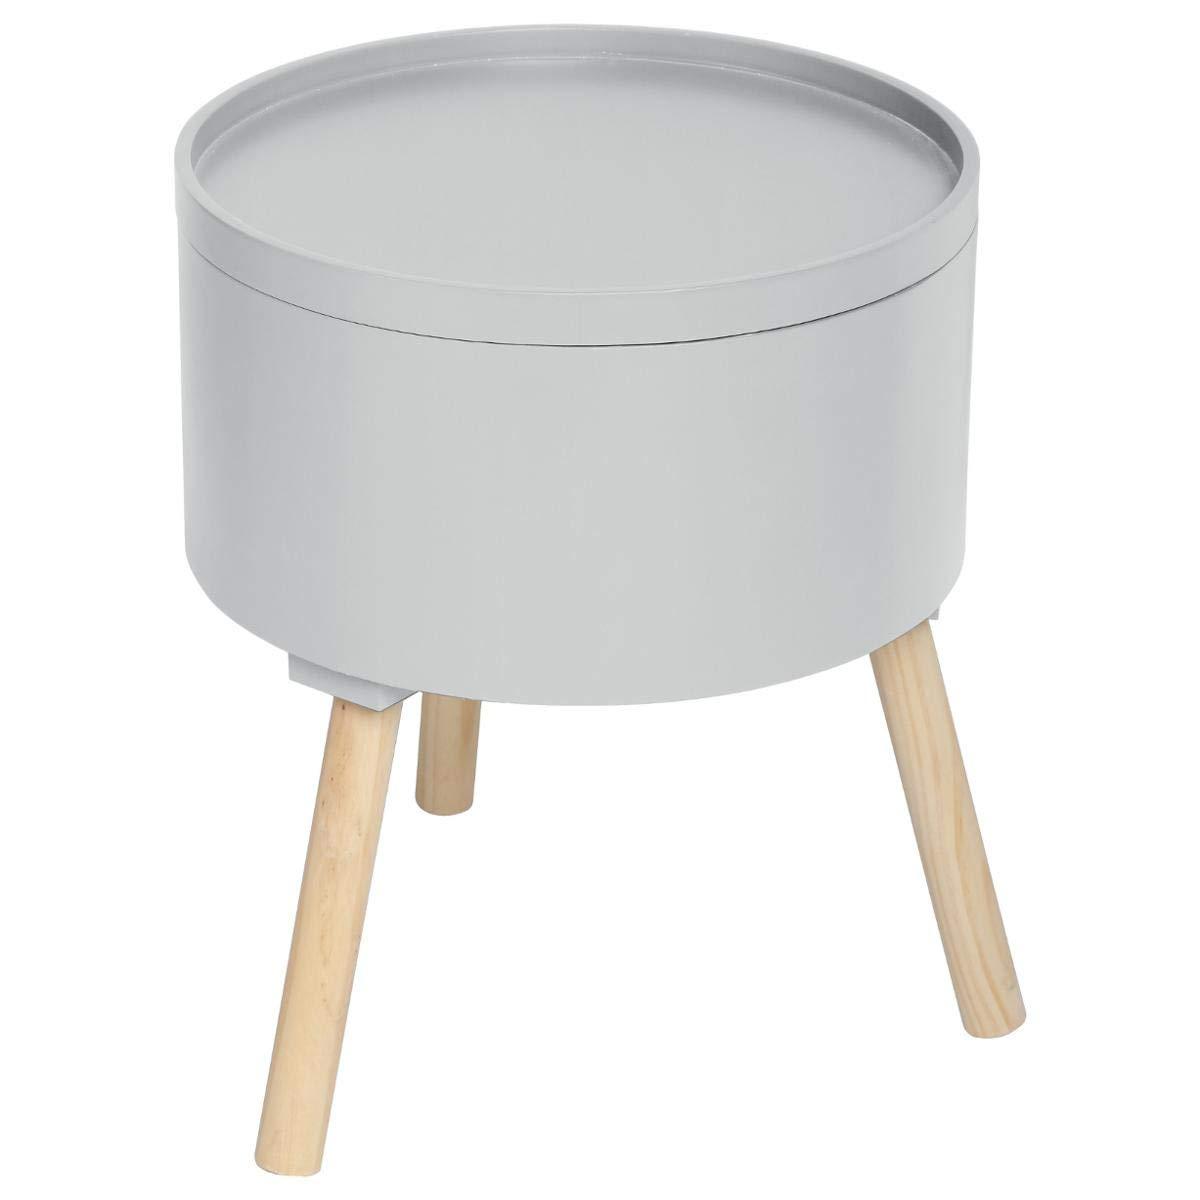 Atmosphera 2 in 1 Tavolino + Contenitore - Stile scandinavo - Colore GRIGIO